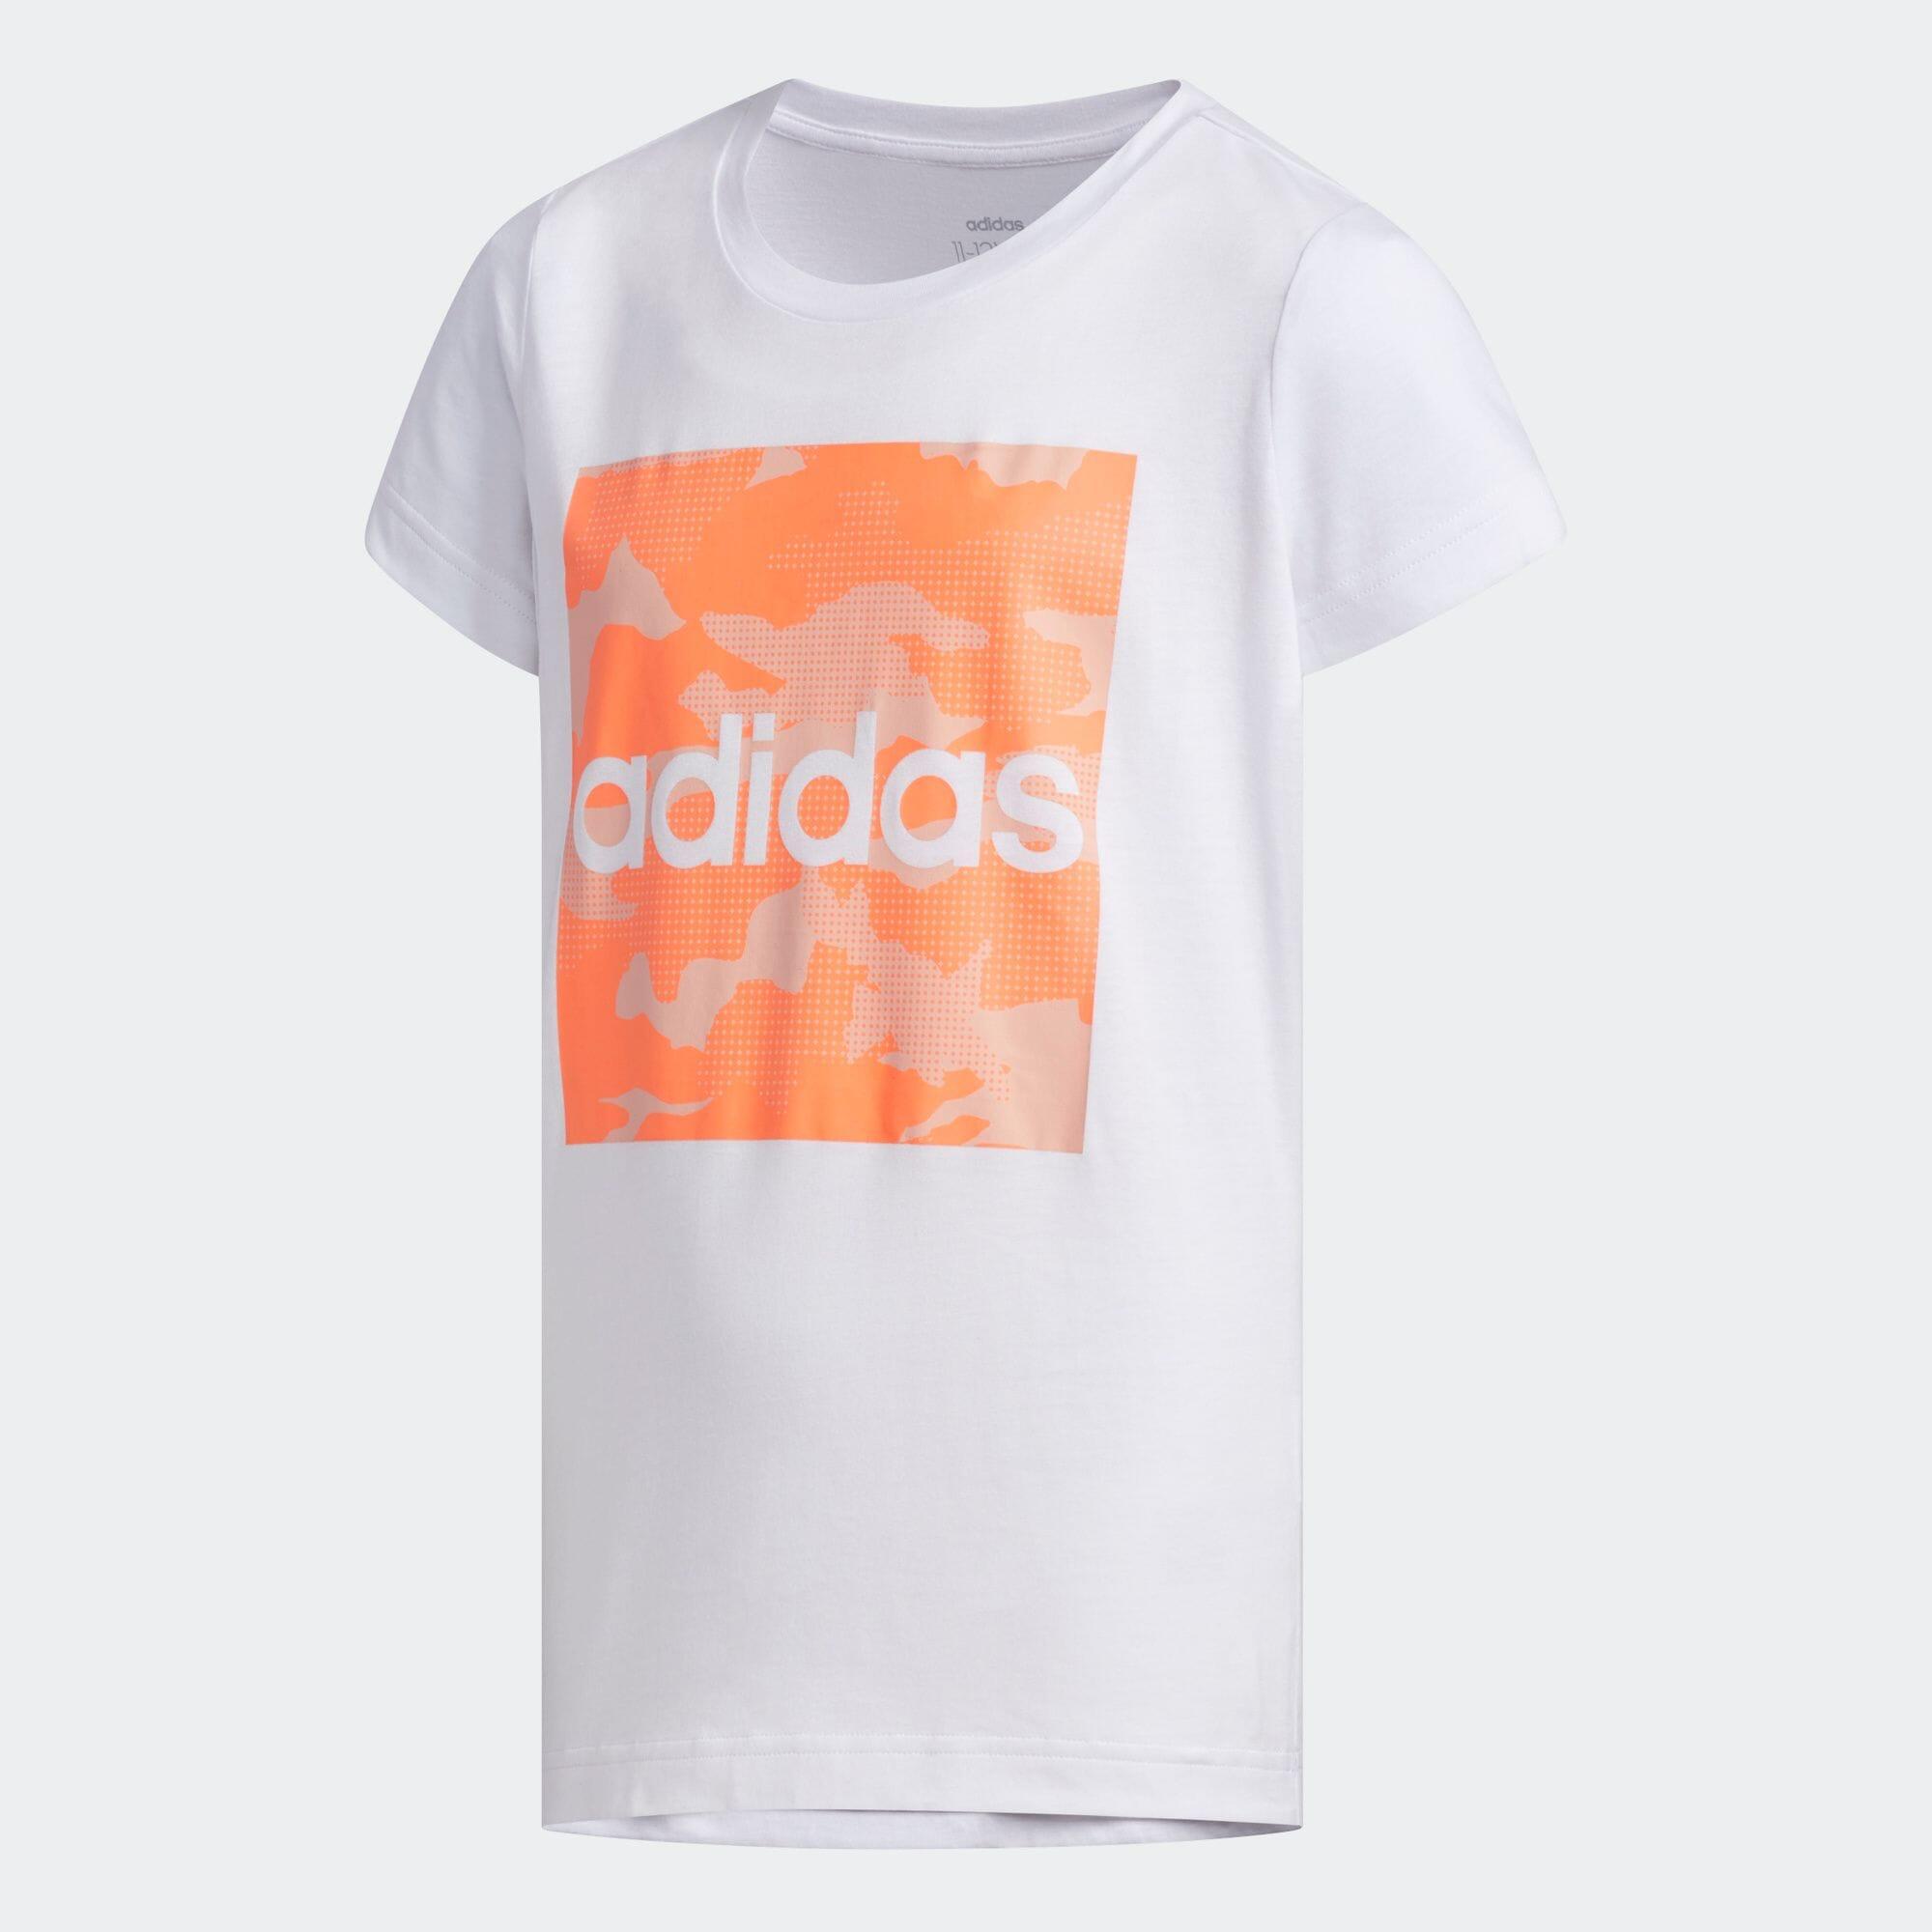 カモフラージュ 半袖Tシャツ / Camouflage Tee